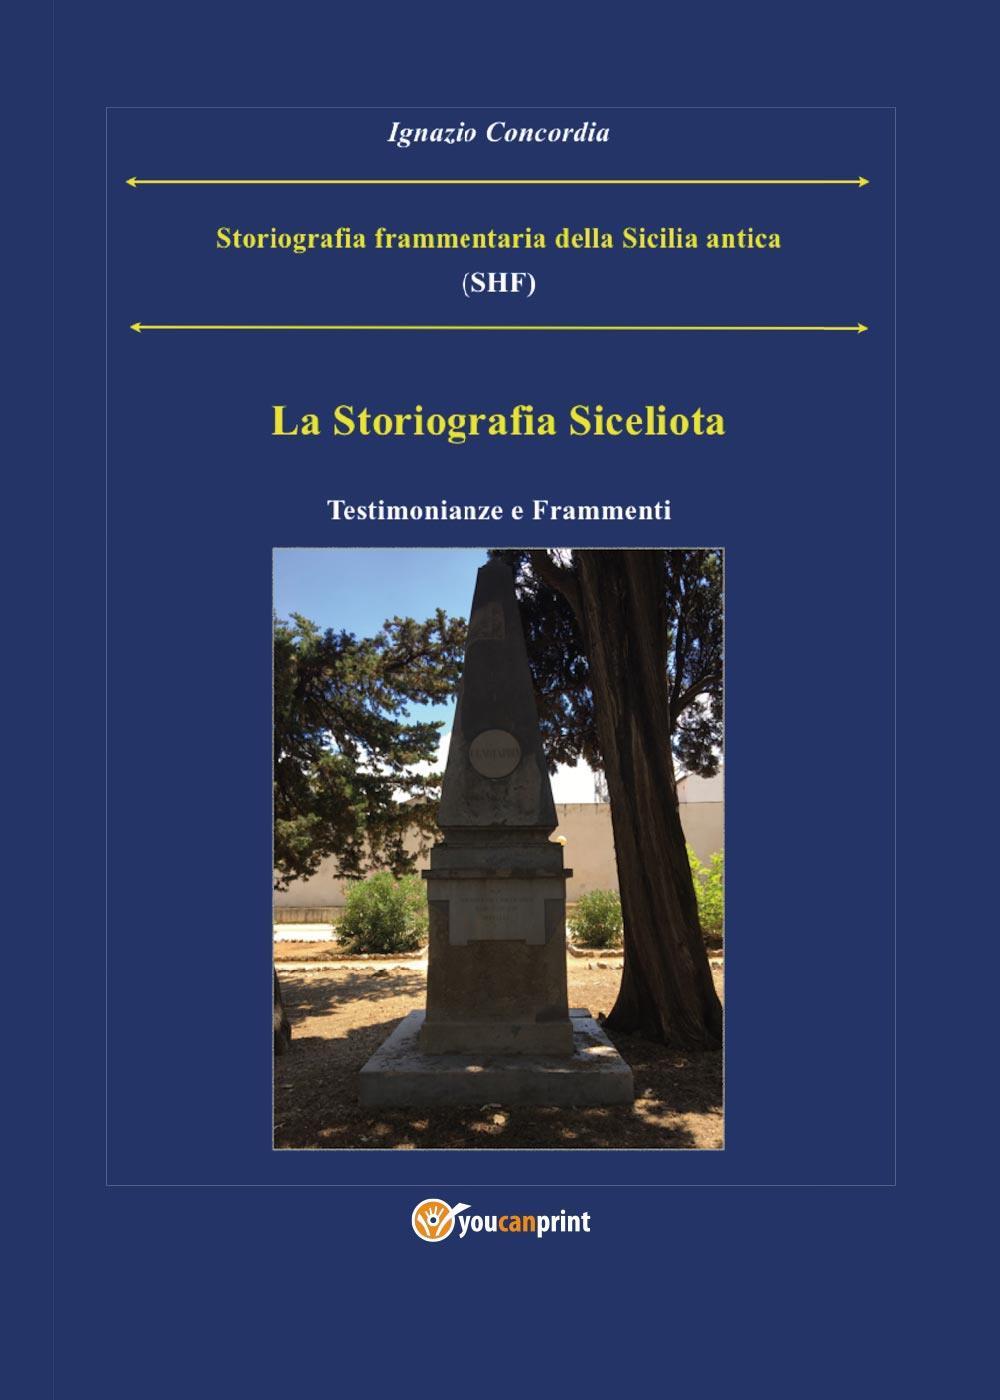 Storiografia Frammentaria della Sicilia antica